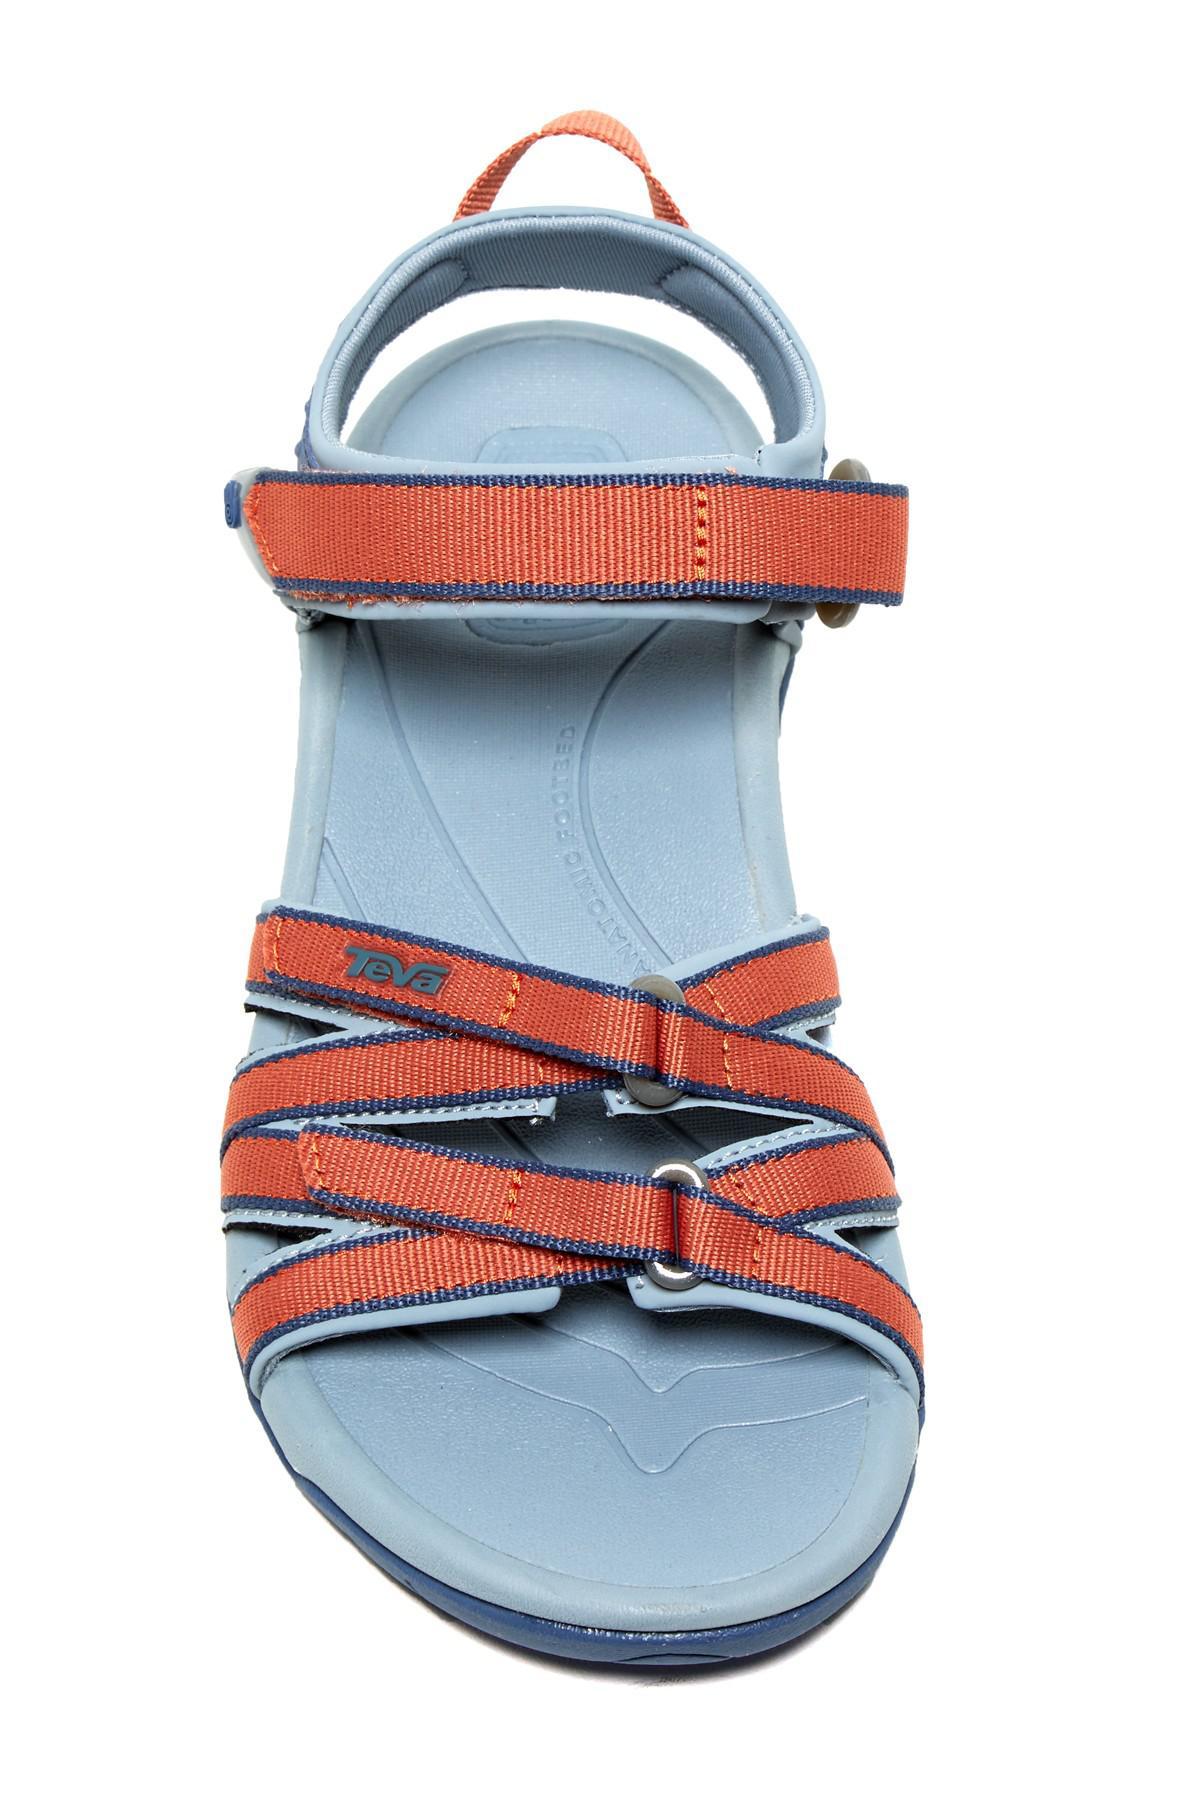 35d1acfb049e Lyst - Teva Tirra Crisscross Sandal in Blue